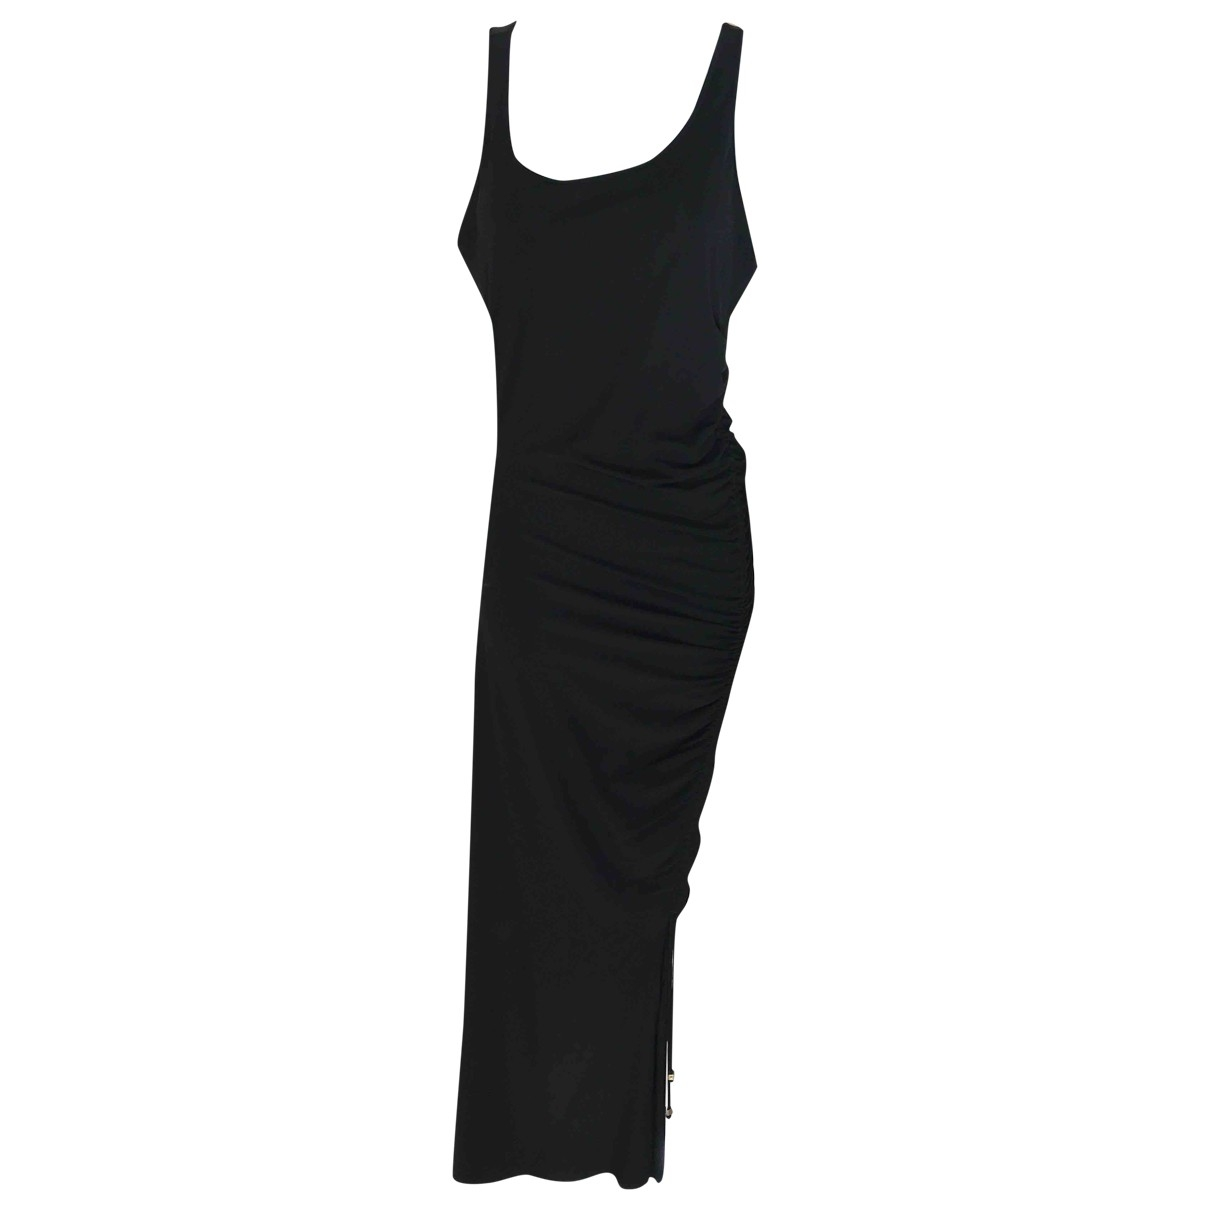 Celine \N Black dress for Women 40 FR